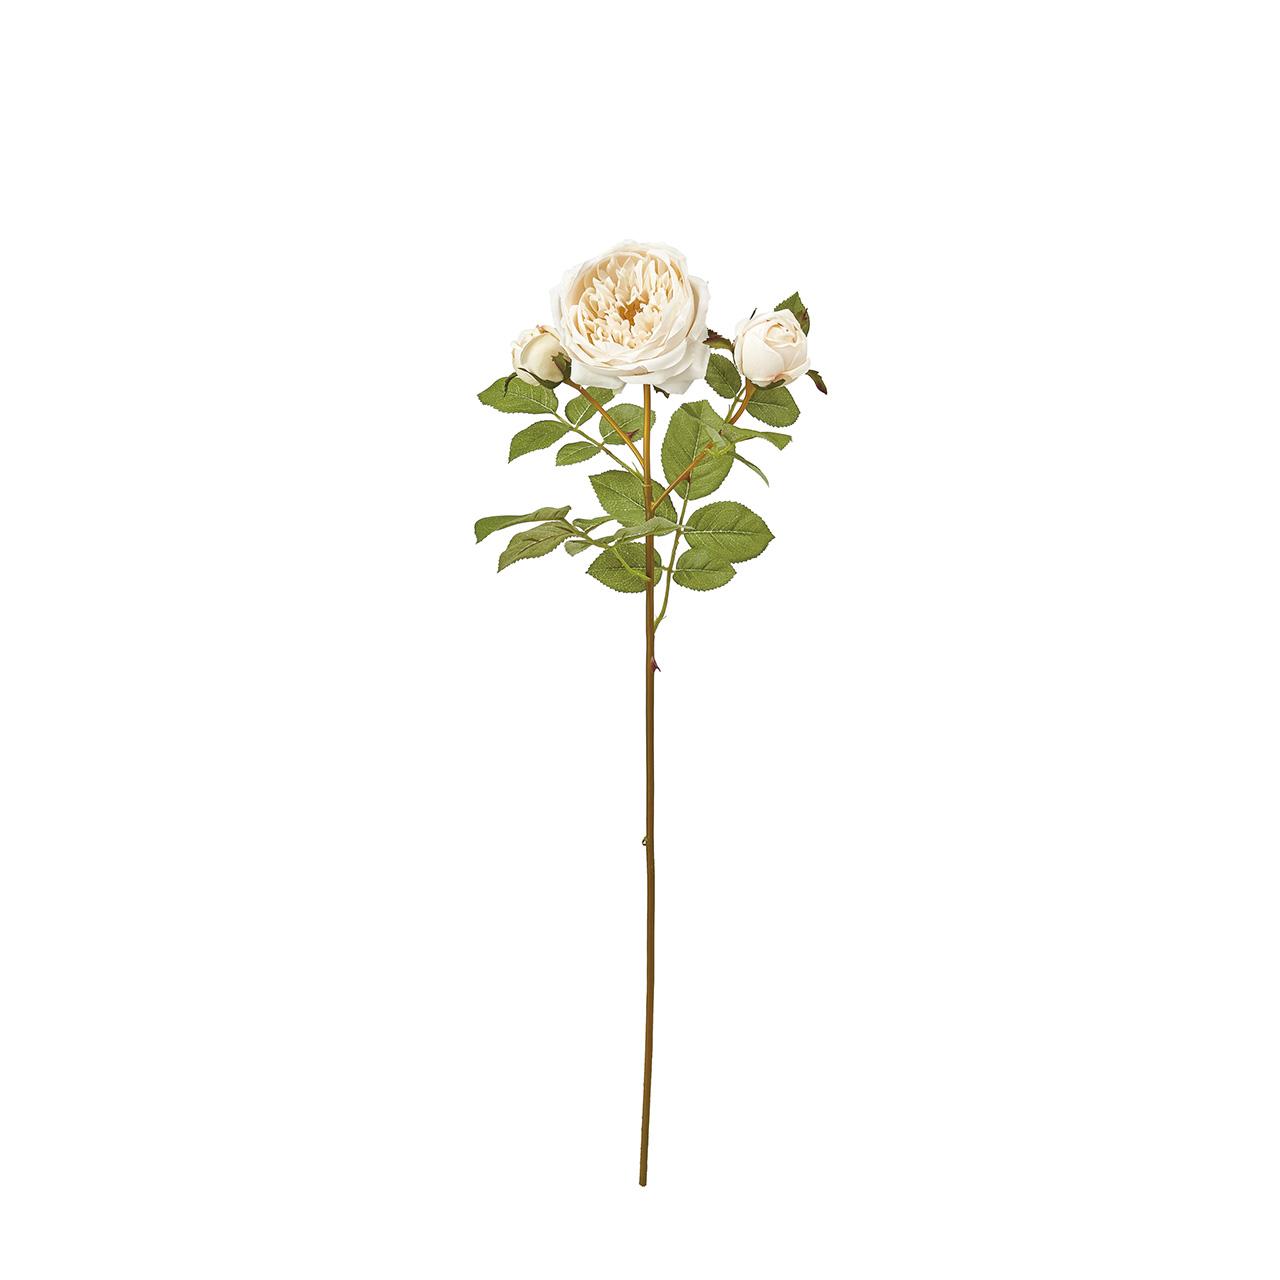 サステナブル アーティフィシャルフラワー(造花)